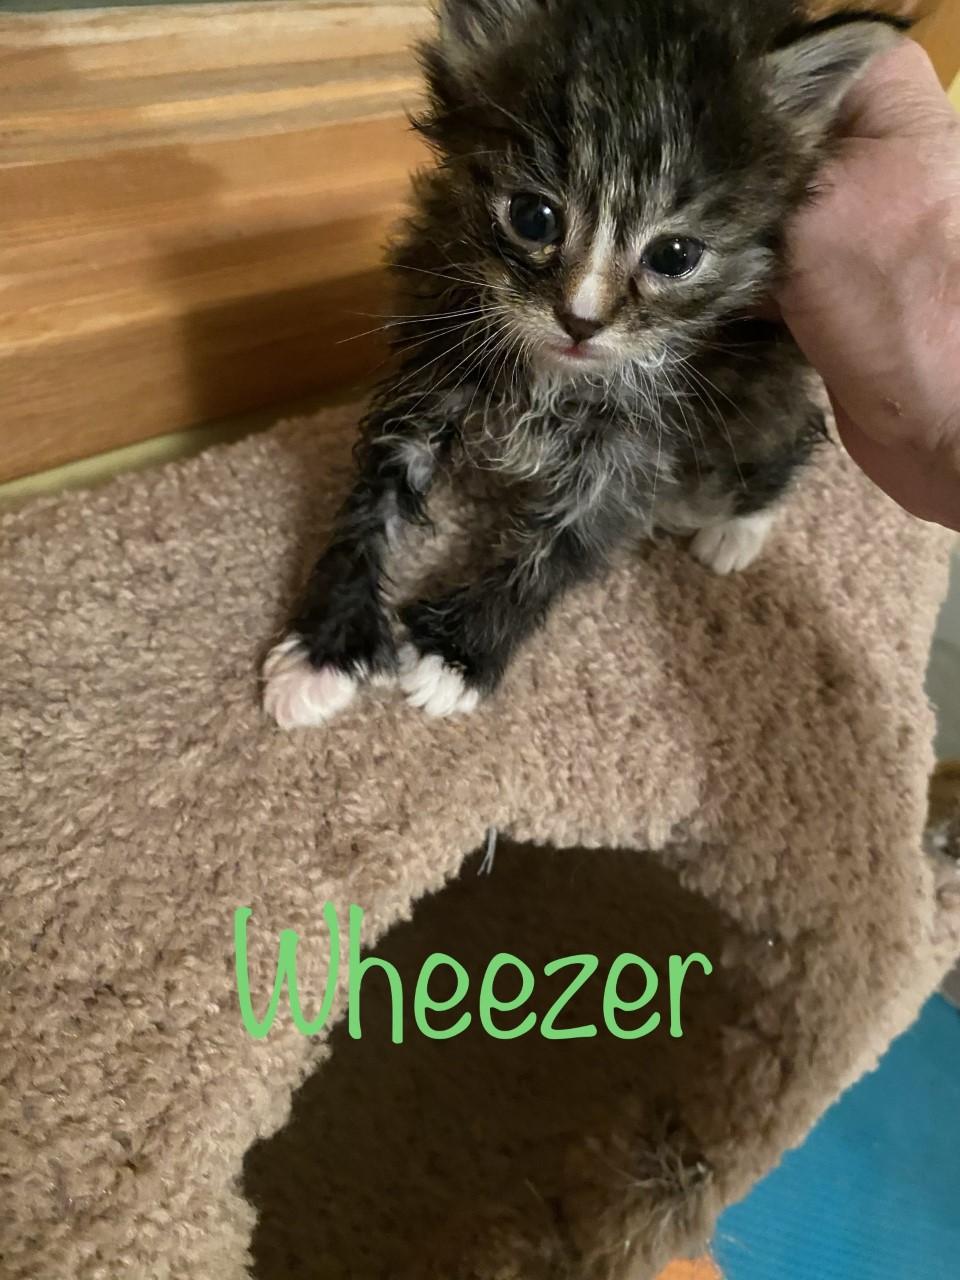 Wheezer